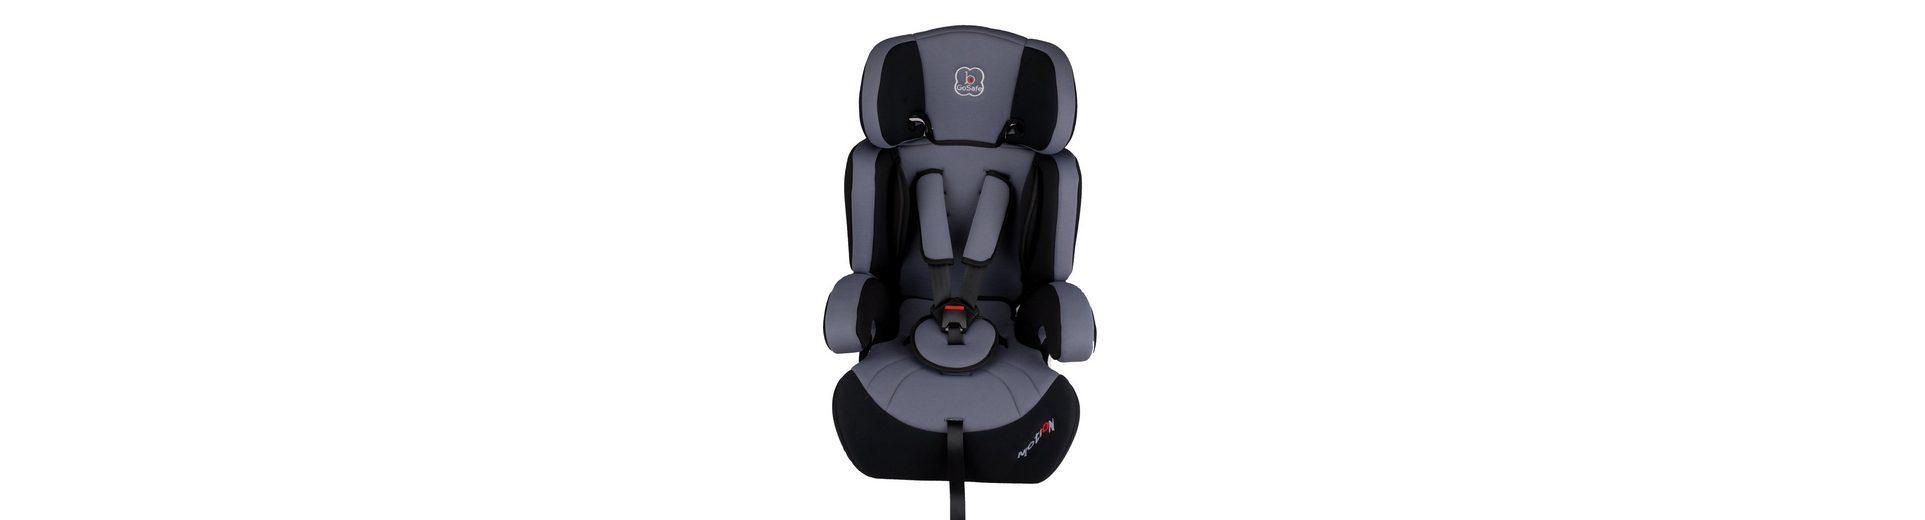 Kindersitz »Motion 320-4«, 9 - 36 kg, Energie absorbierende Kopfpolsterung